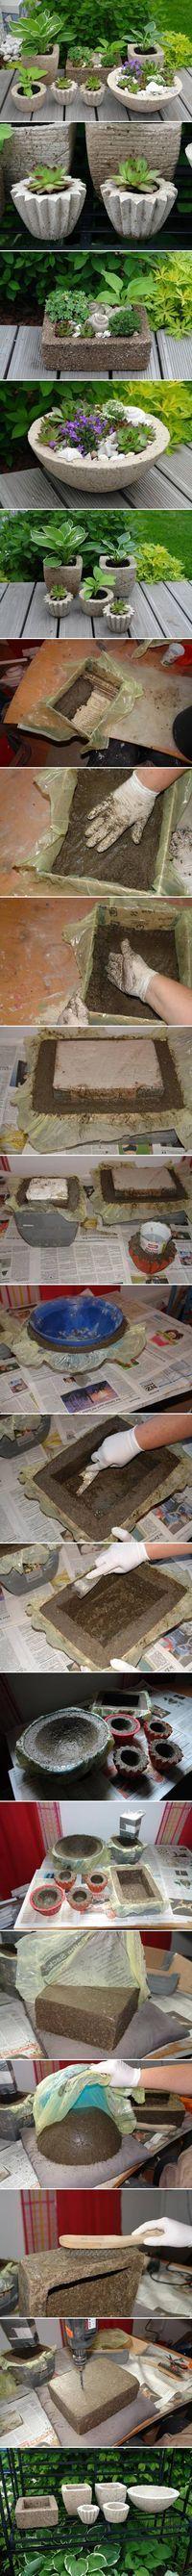 macetas...como hacer como hacer maceta de cemento....pinteres.com/pin